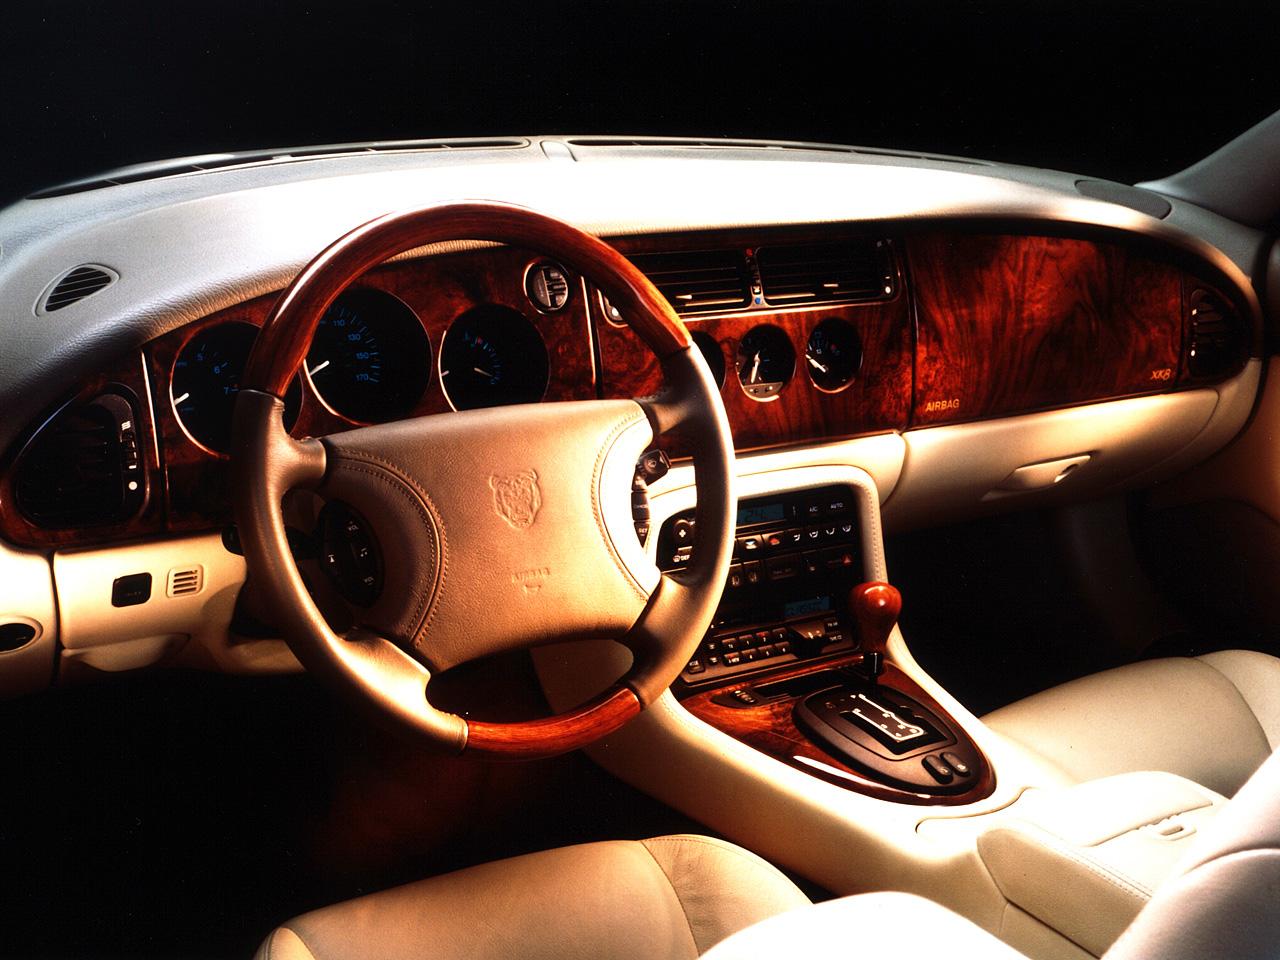 Den krämiga, klassiskt formade interiören i XK8. Rikliga mängder läder och trä men inte samma känsla i detaljer som äldre Jaguarer.